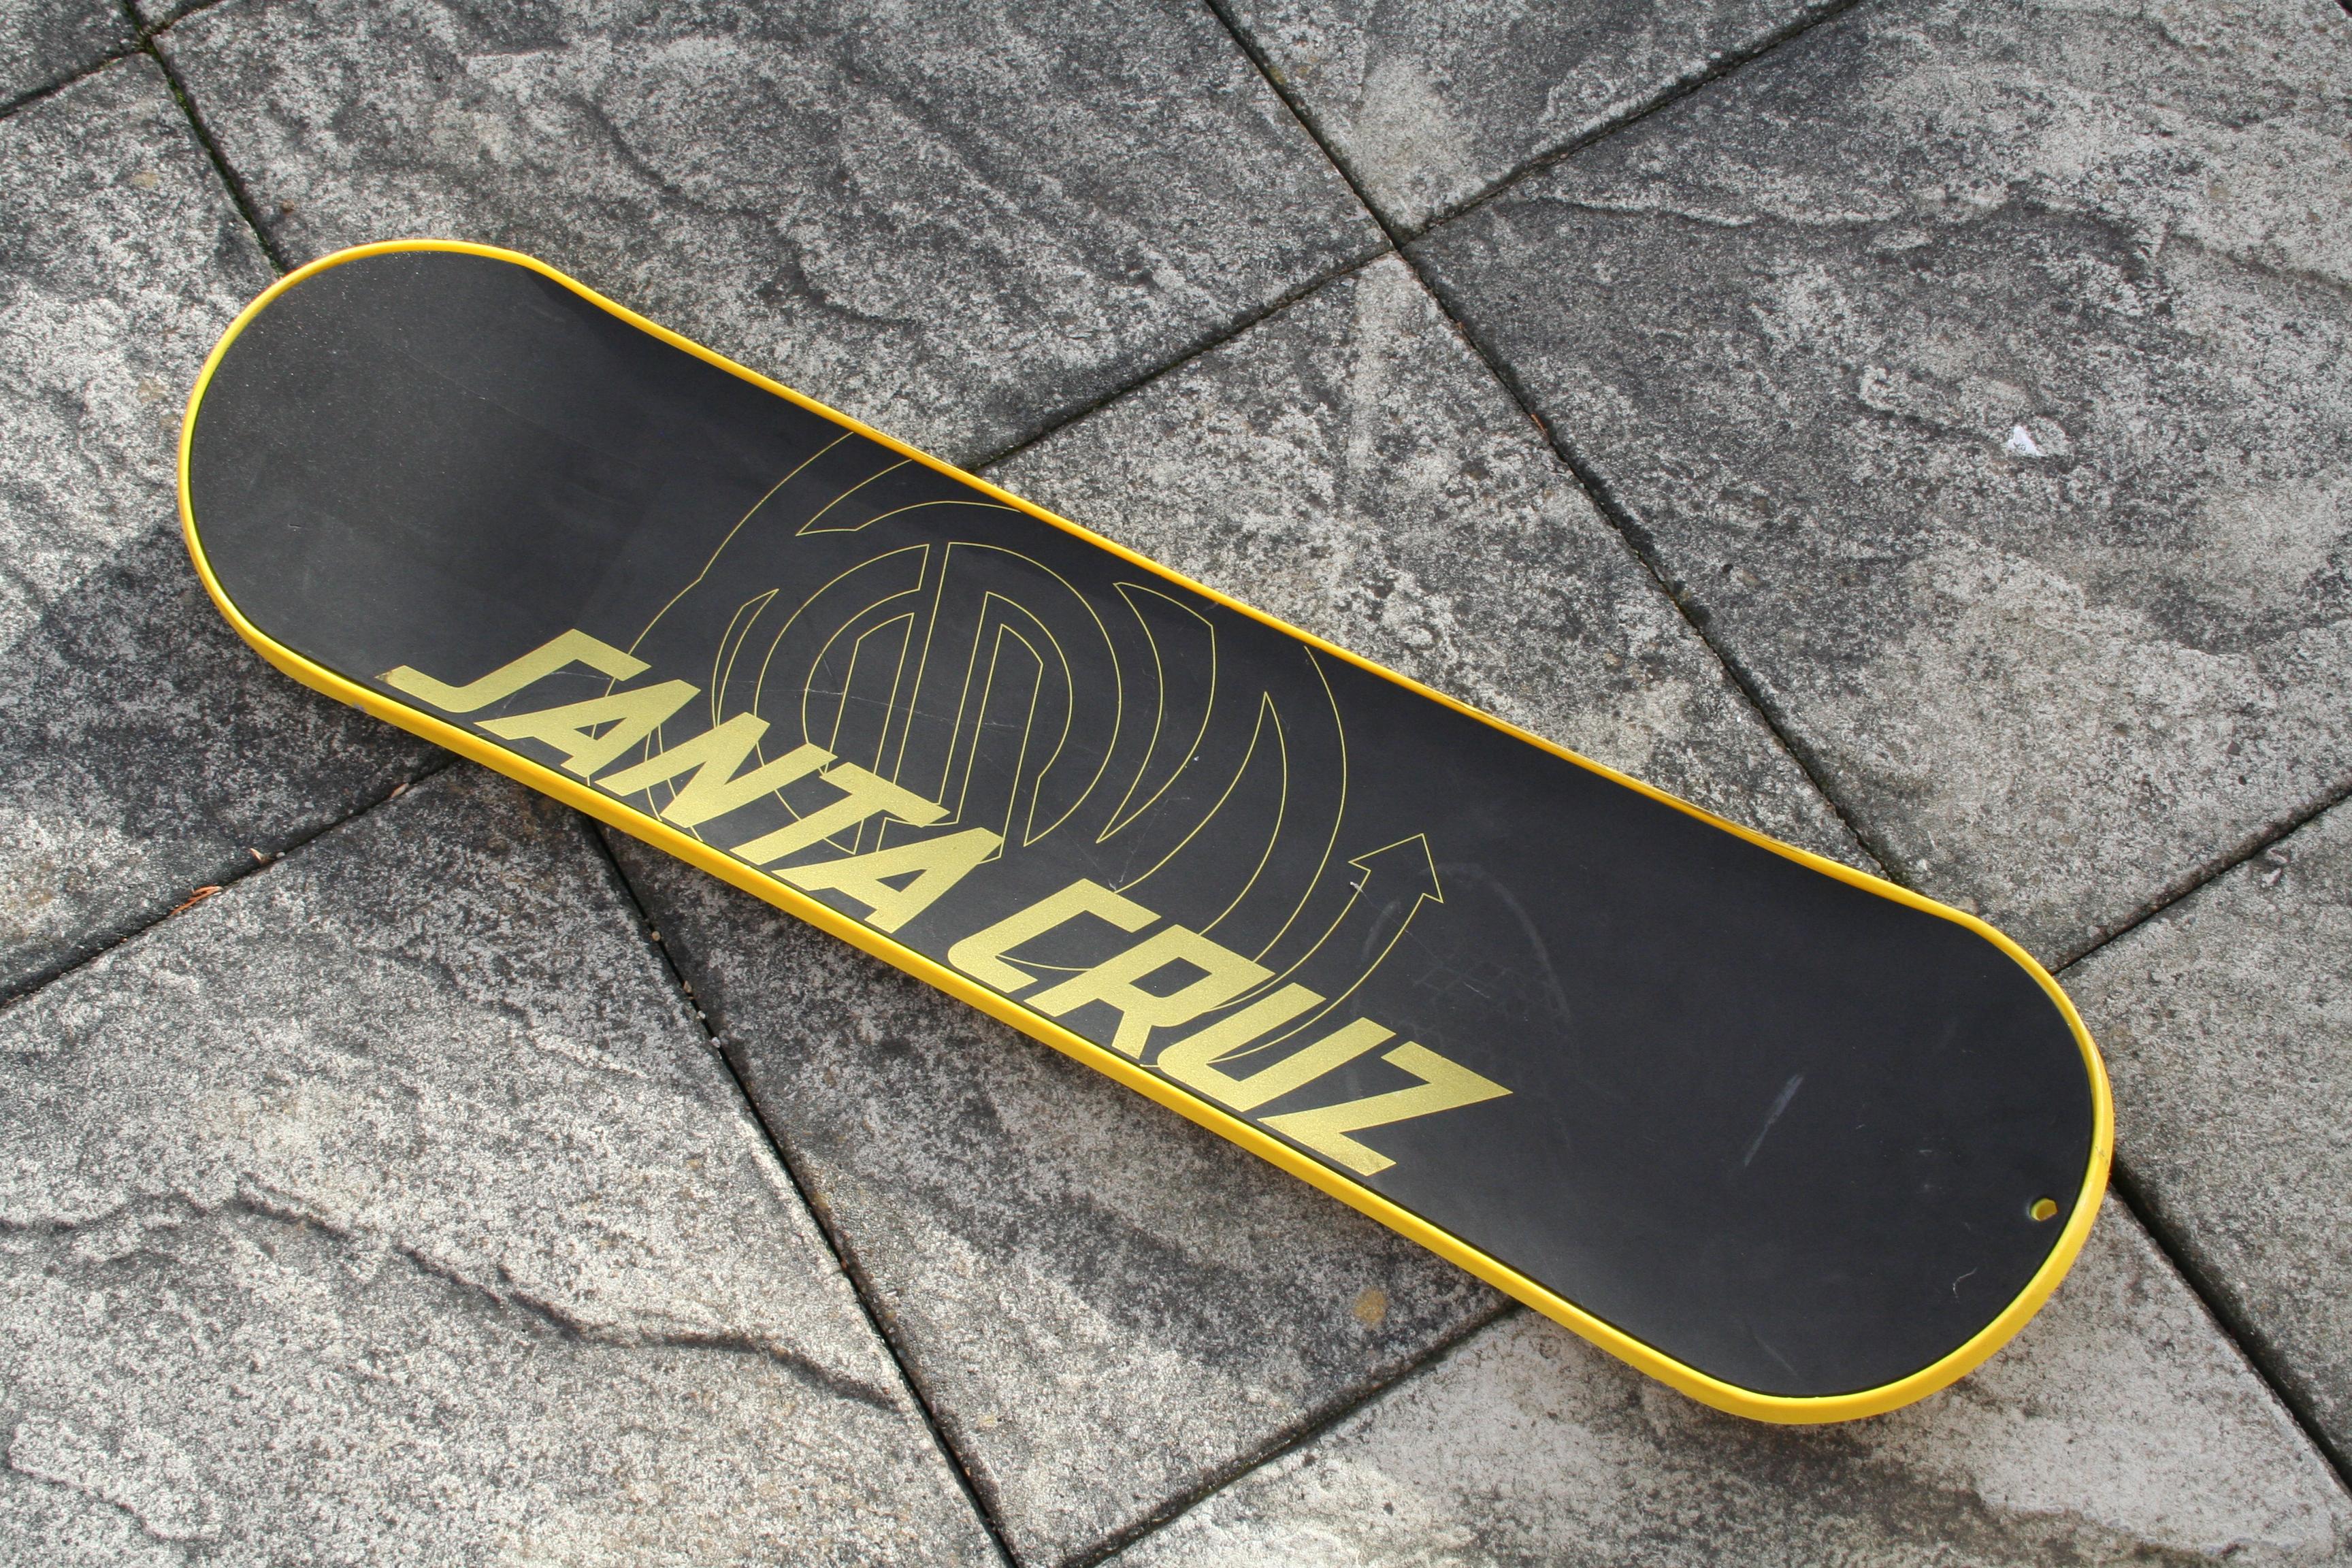 Santa Cruz Snowskate Platinum Al S Virtual Hot Tub